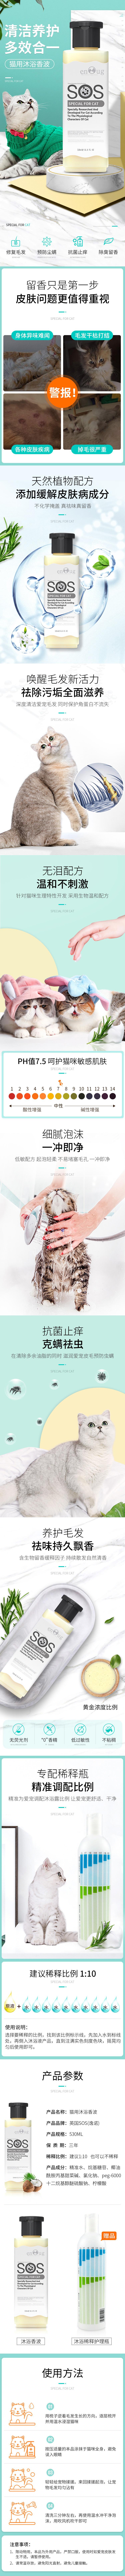 宠物猫香波沐浴露